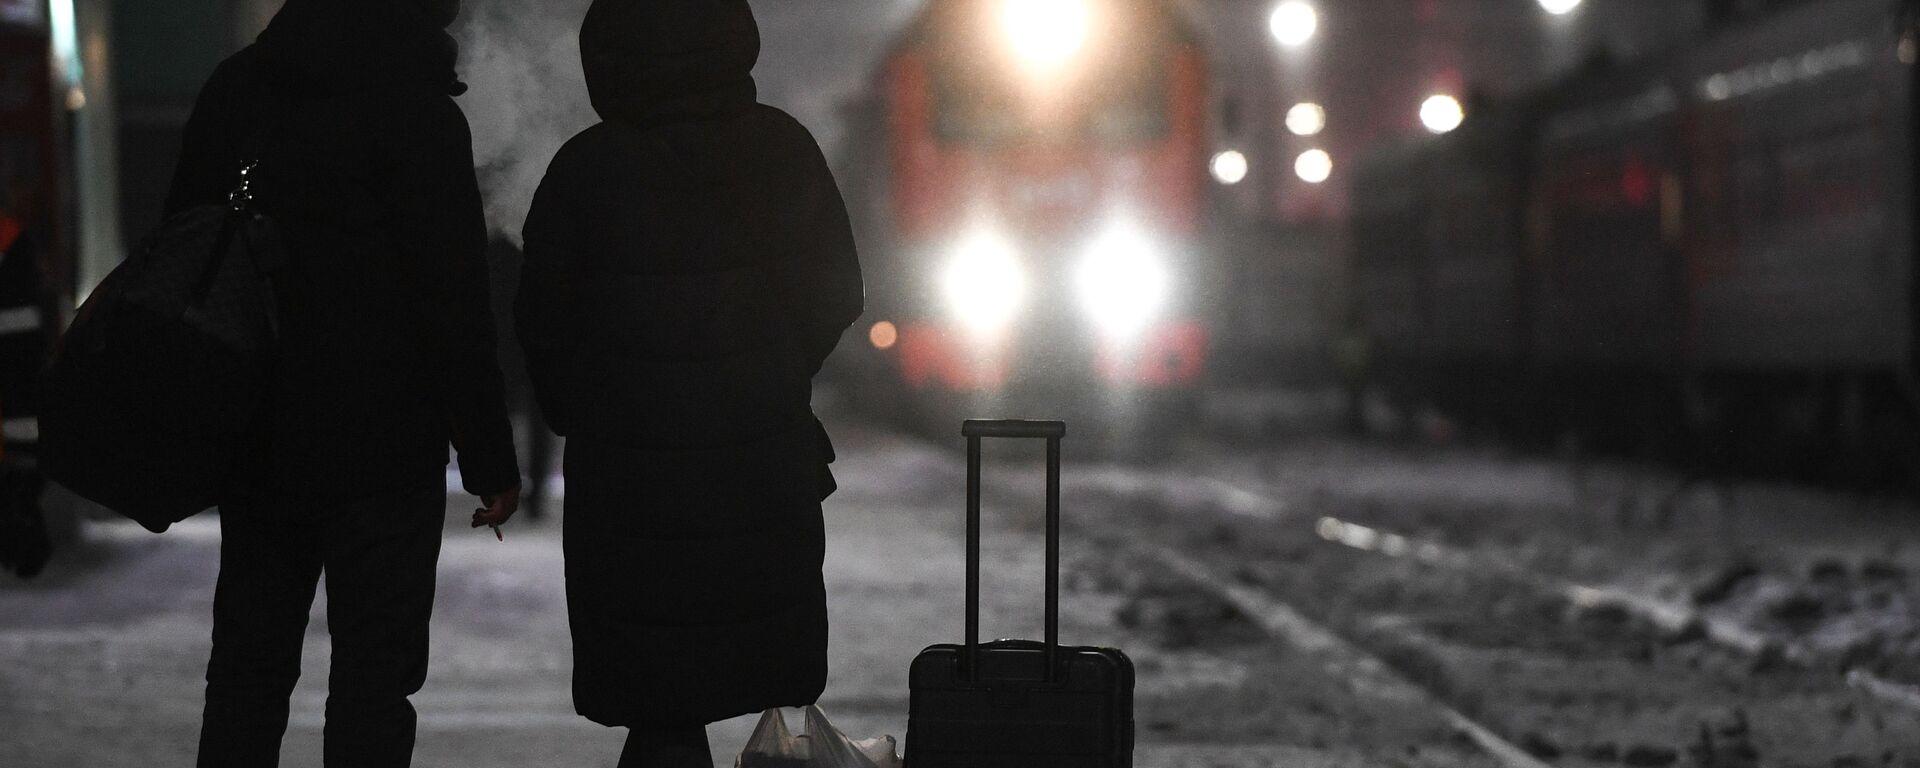 Pasażerowie oczekujący na pociąg - Sputnik Polska, 1920, 06.02.2021